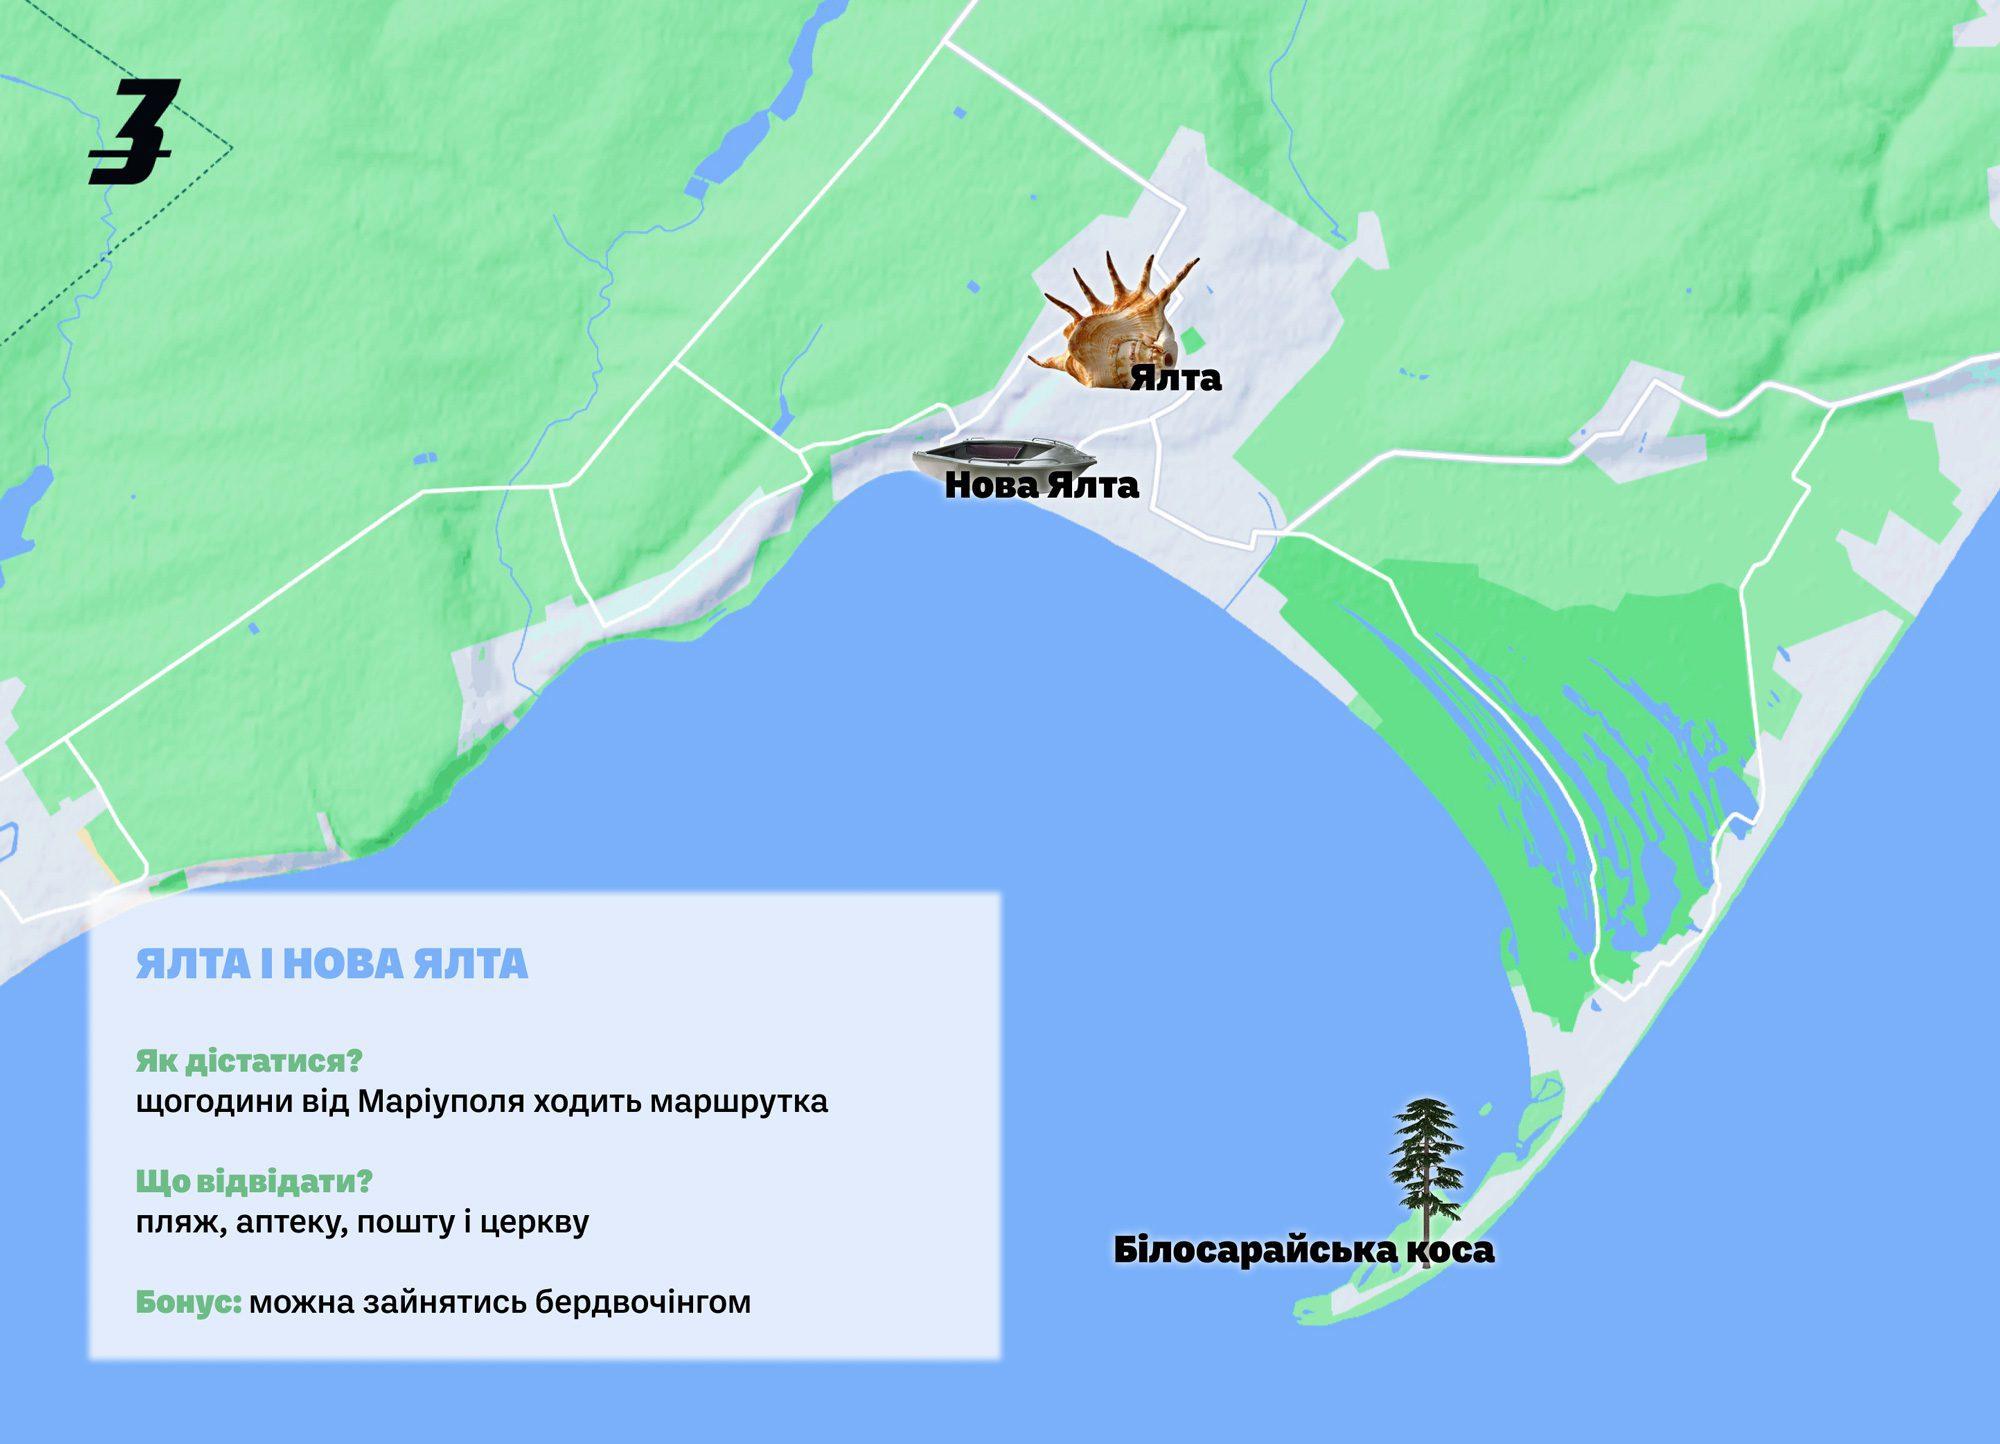 tourism in donbas yalta new yalta - <b>Каякінг, вечірки в Маріуполі та дикий кемпінг.</b> Куди поїхати відпочивати на Донеччині - Заборона